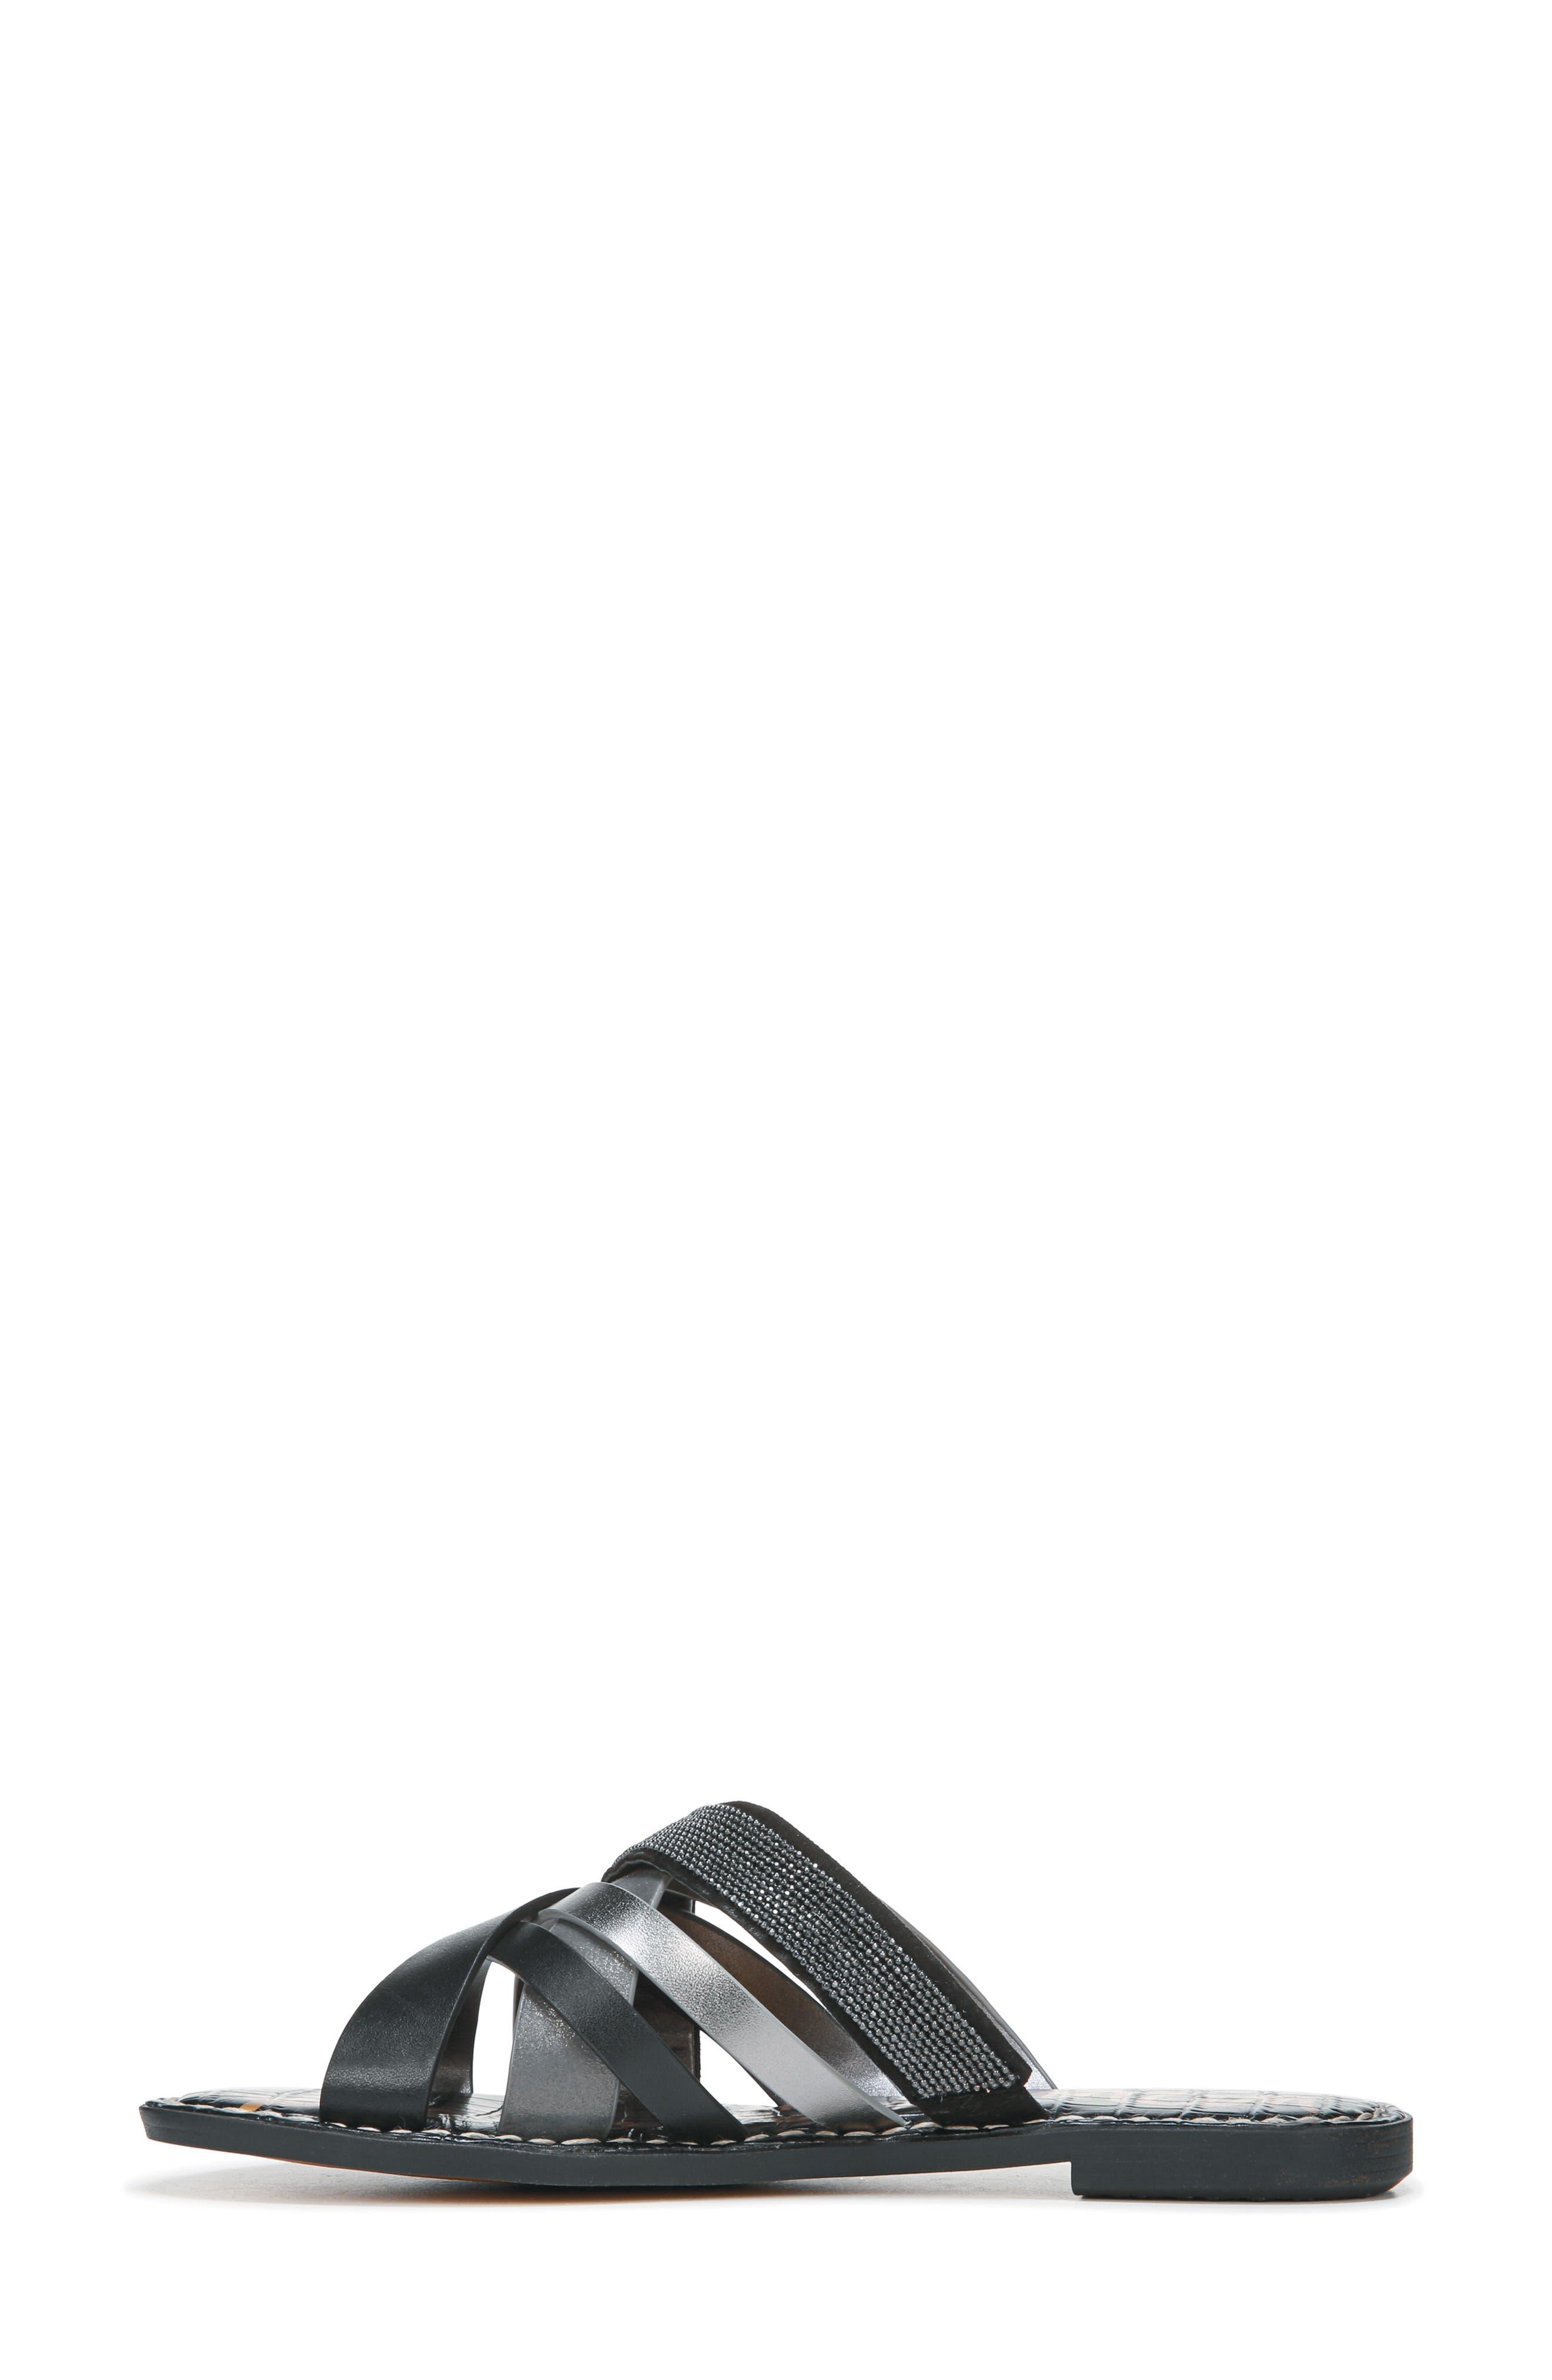 Glennia Slide Sandal,                             Alternate thumbnail 8, color,                             DARK PEWTER/ BLACK LEATHER